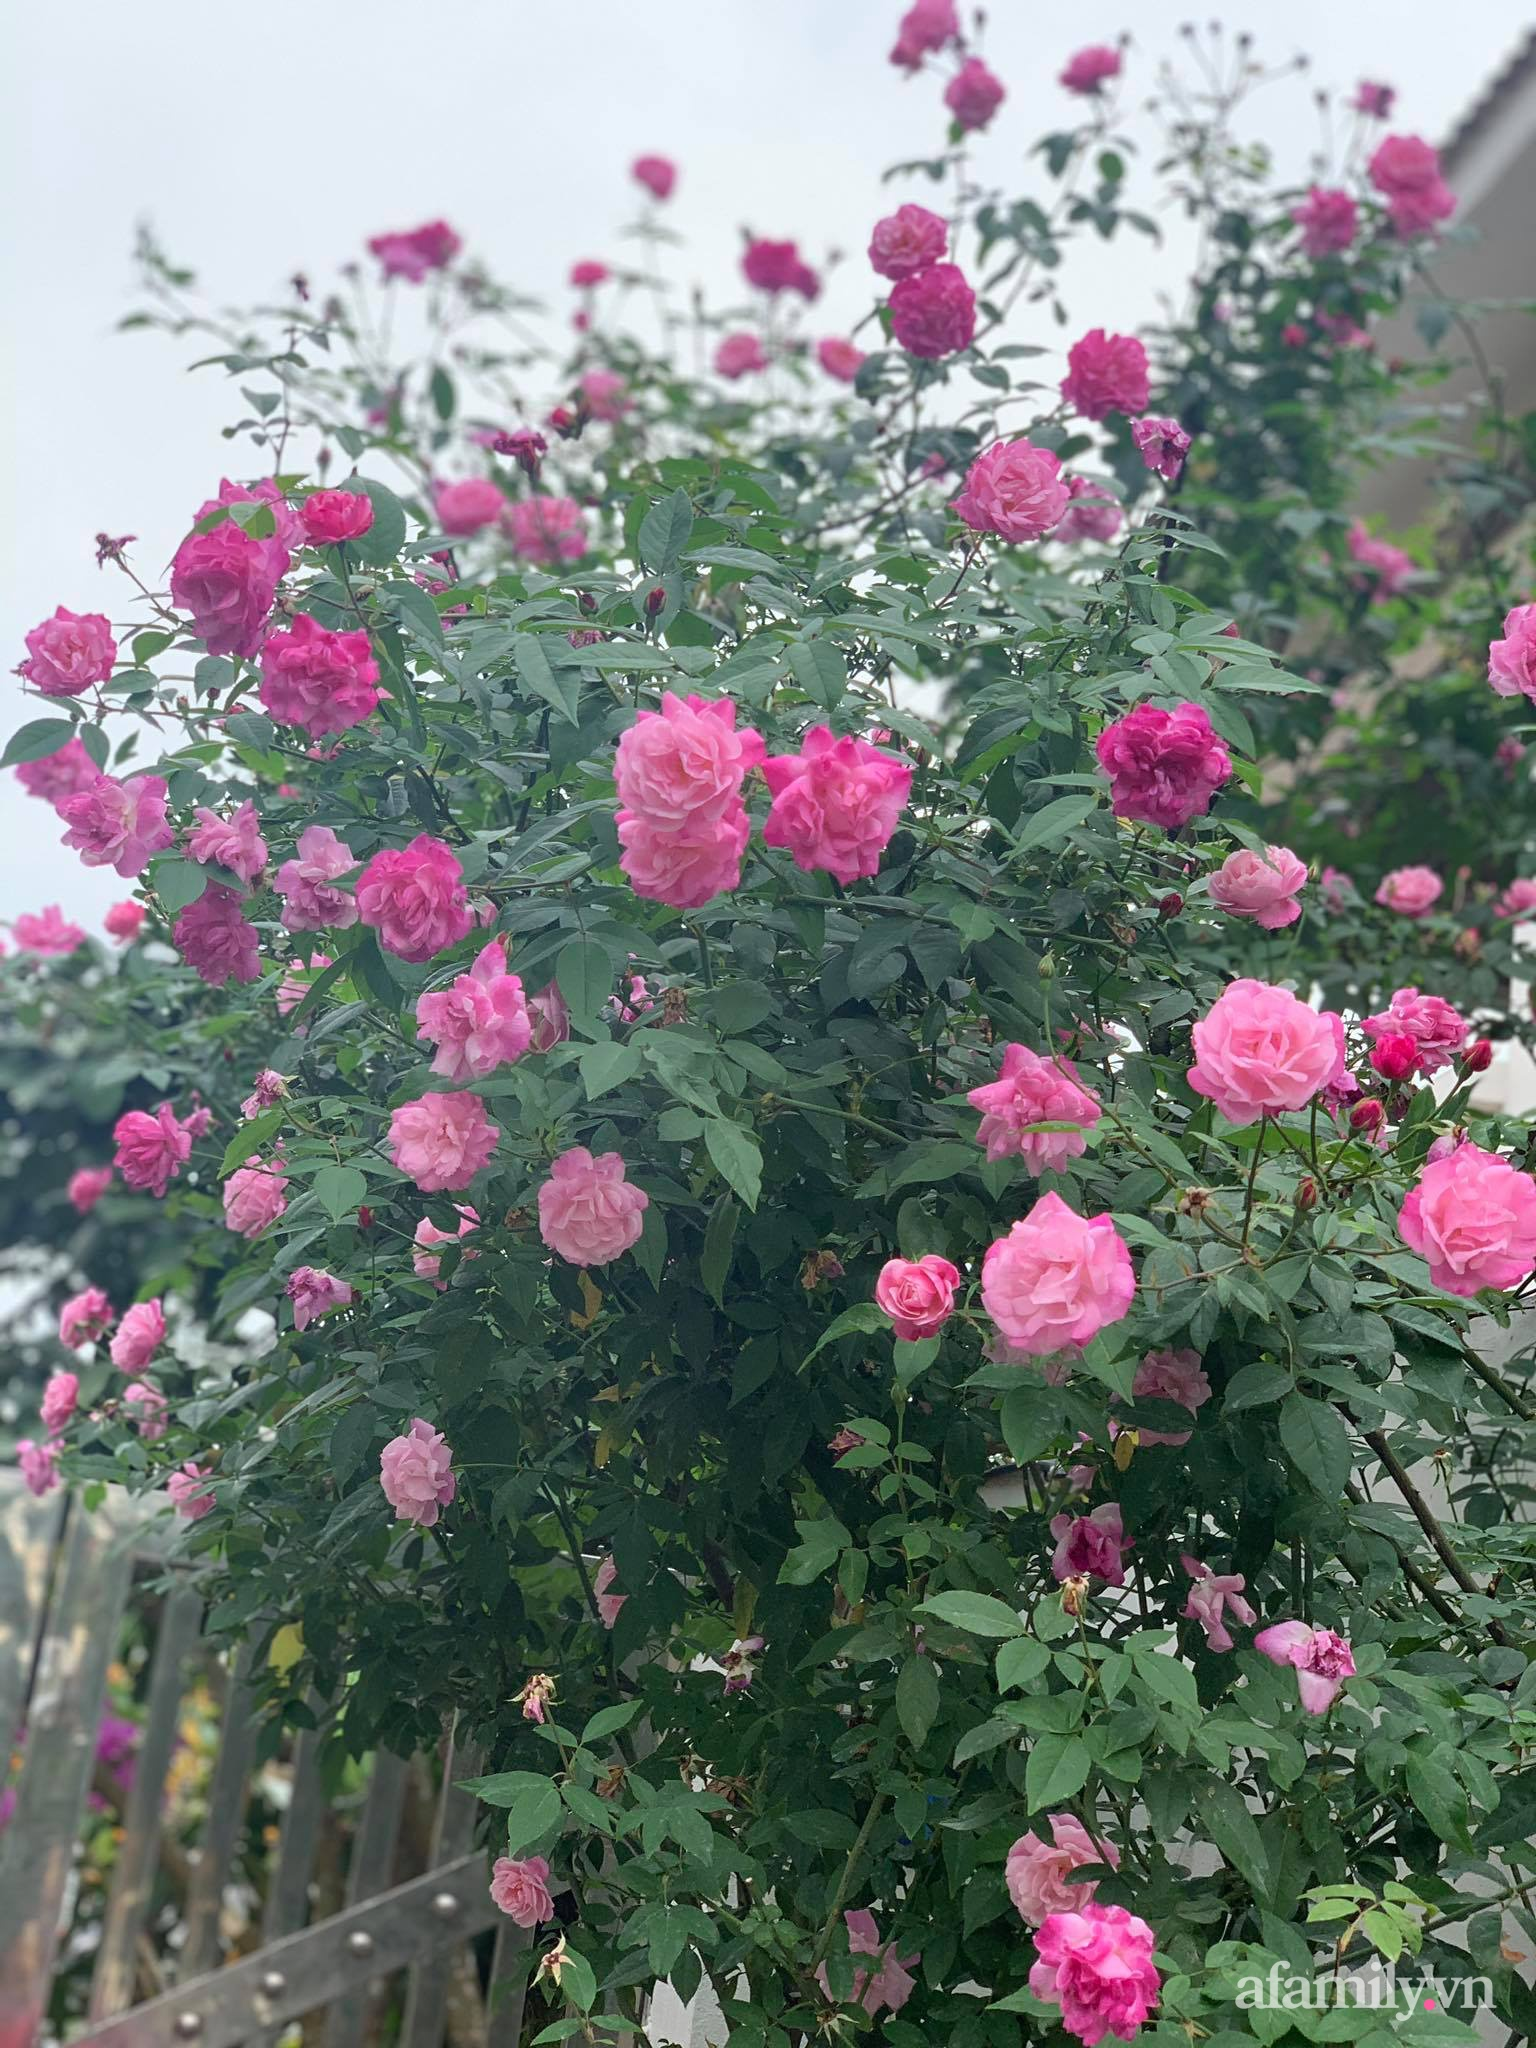 Ngôi nhà quanh năm rực rỡ sắc hương hoa hồng và đủ loại cây ăn quả ở Hà Nội - Ảnh 9.